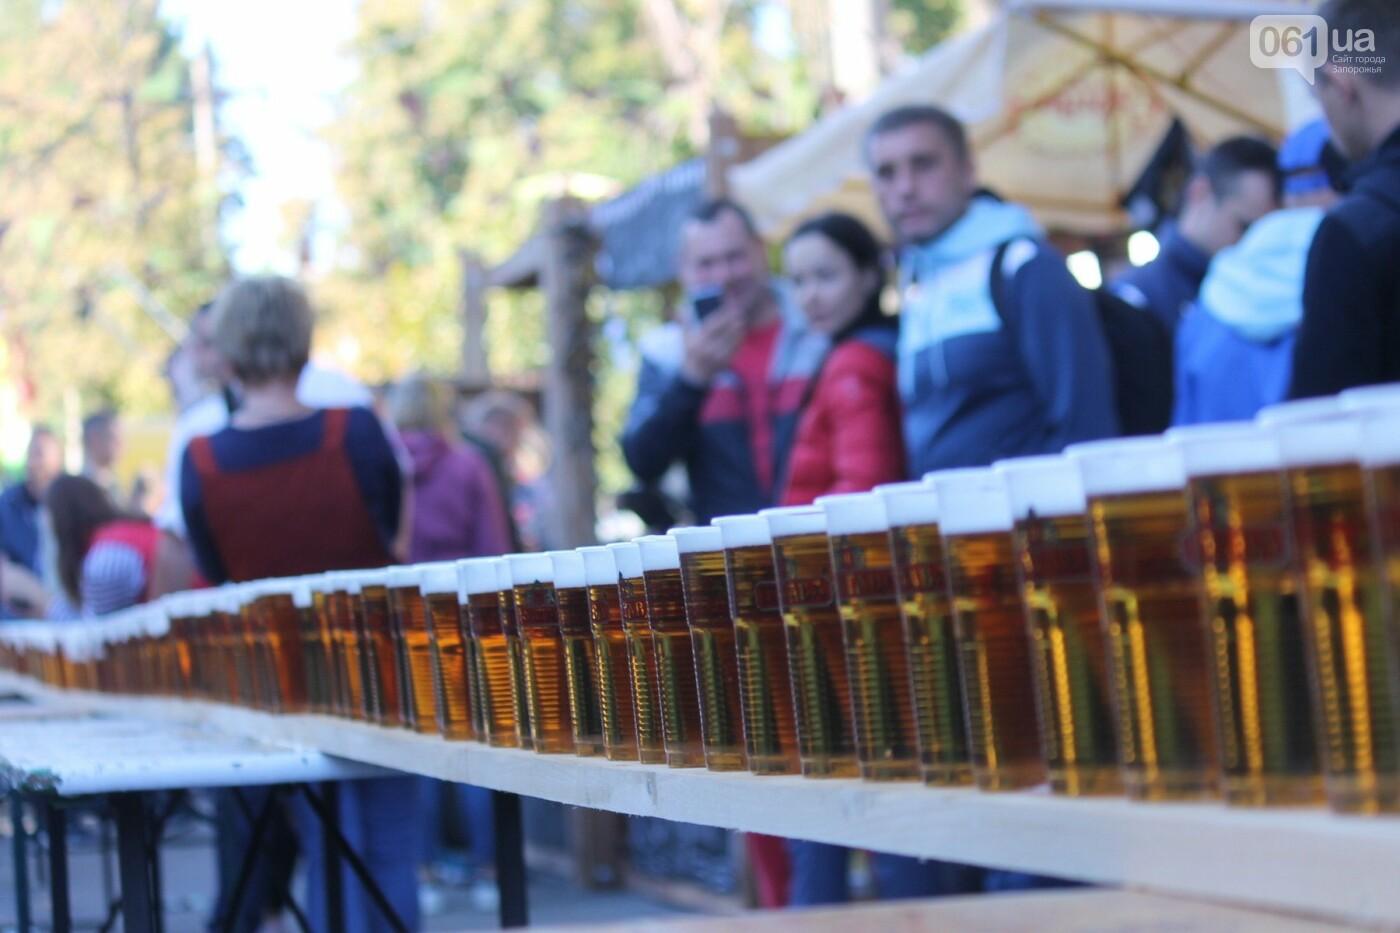 Как в Запорожье прошел пивной фестиваль «Beluga Beer fest», – ФОТОРЕПОРТАЖ, фото-54